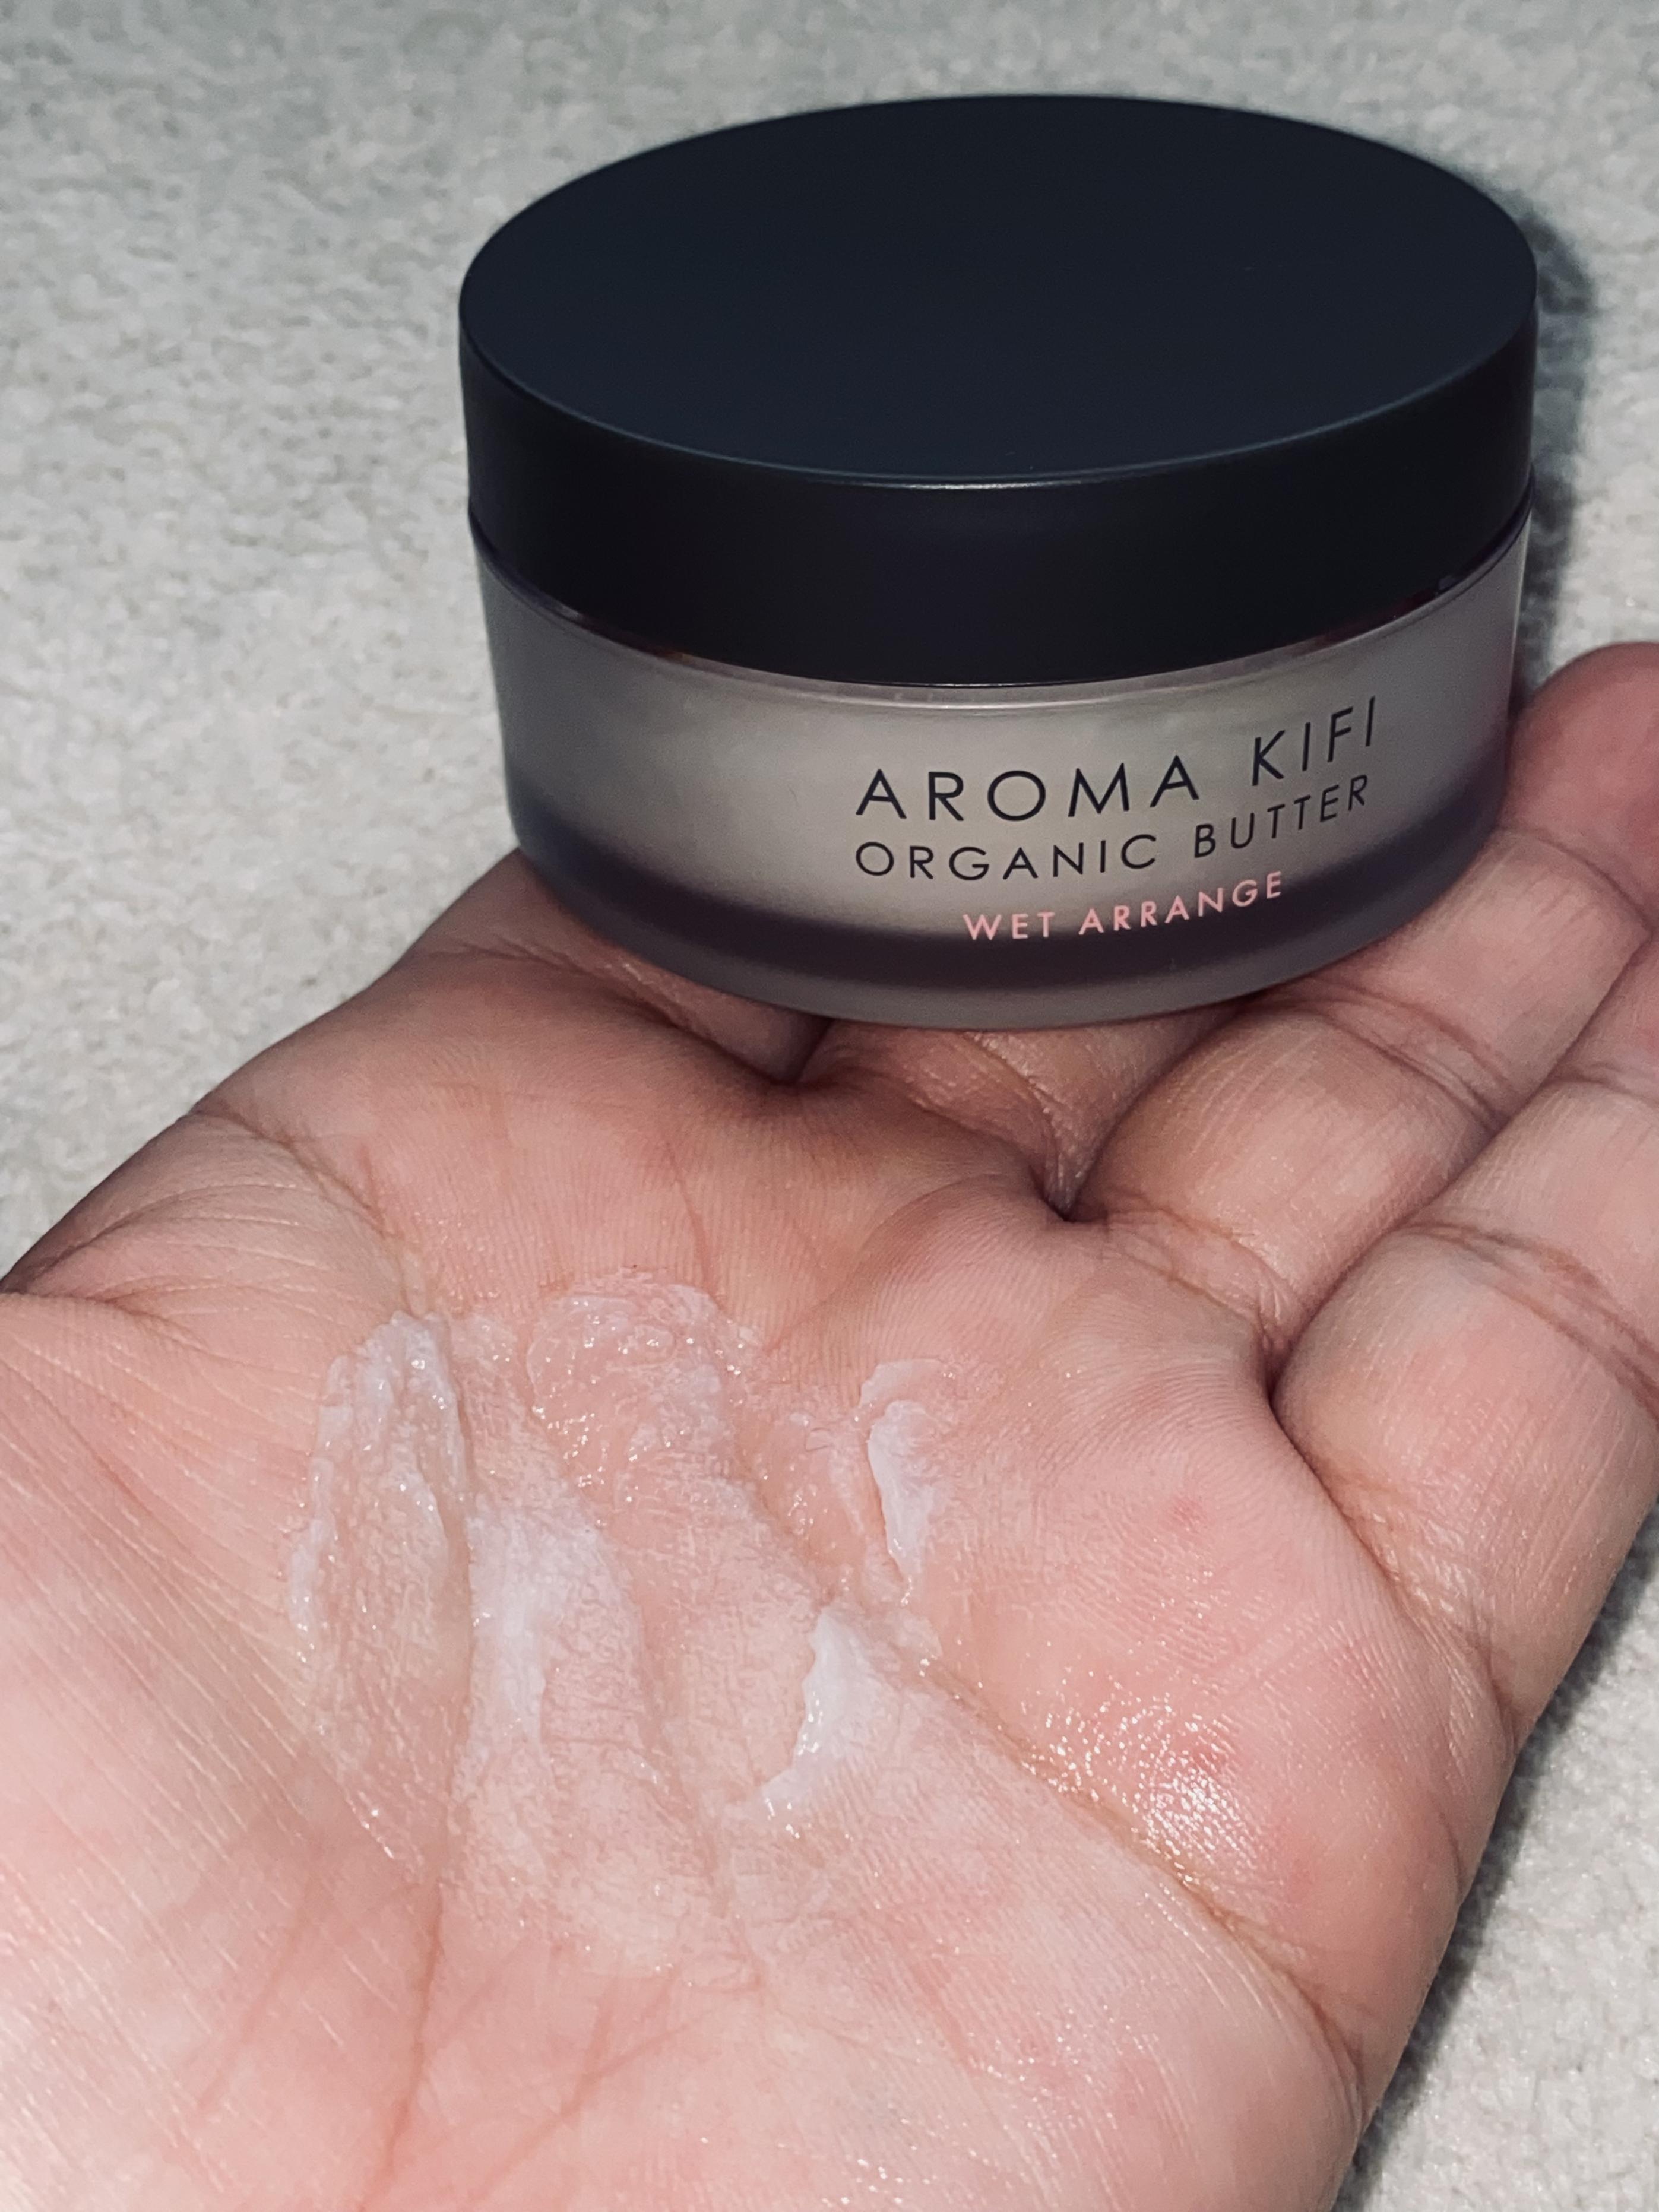 AROMA KIFI(アロマキフィ) オーガニックバター ウェットアレンジの良い点・メリットに関するマイピコブーさんの口コミ画像3